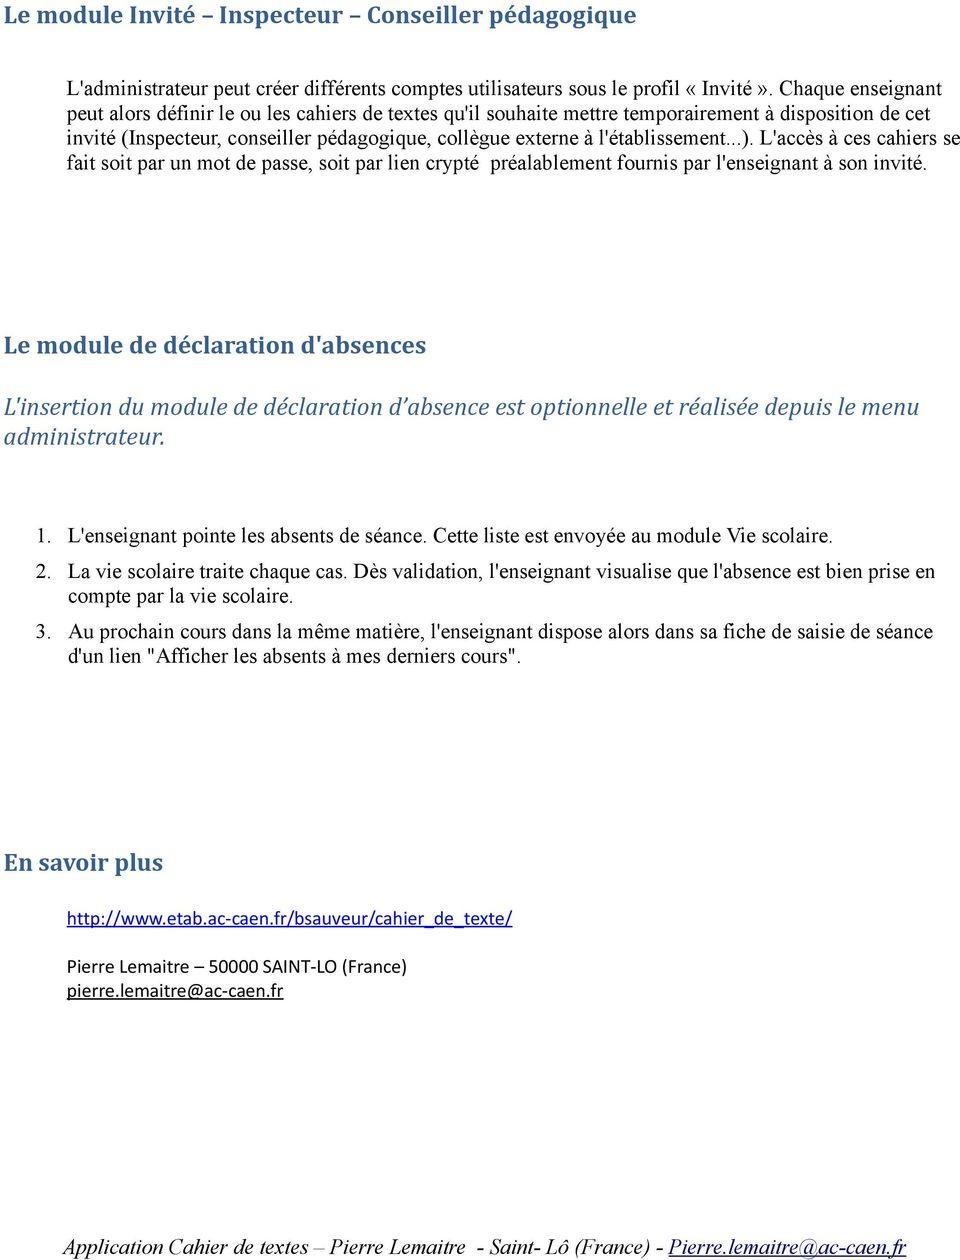 Cahier De Texte Pierre Lemaitre : cahier, texte, pierre, lemaitre, CAHIER, TEXTES, Pierre, LEMAITRE, Téléchargement, Gratuit